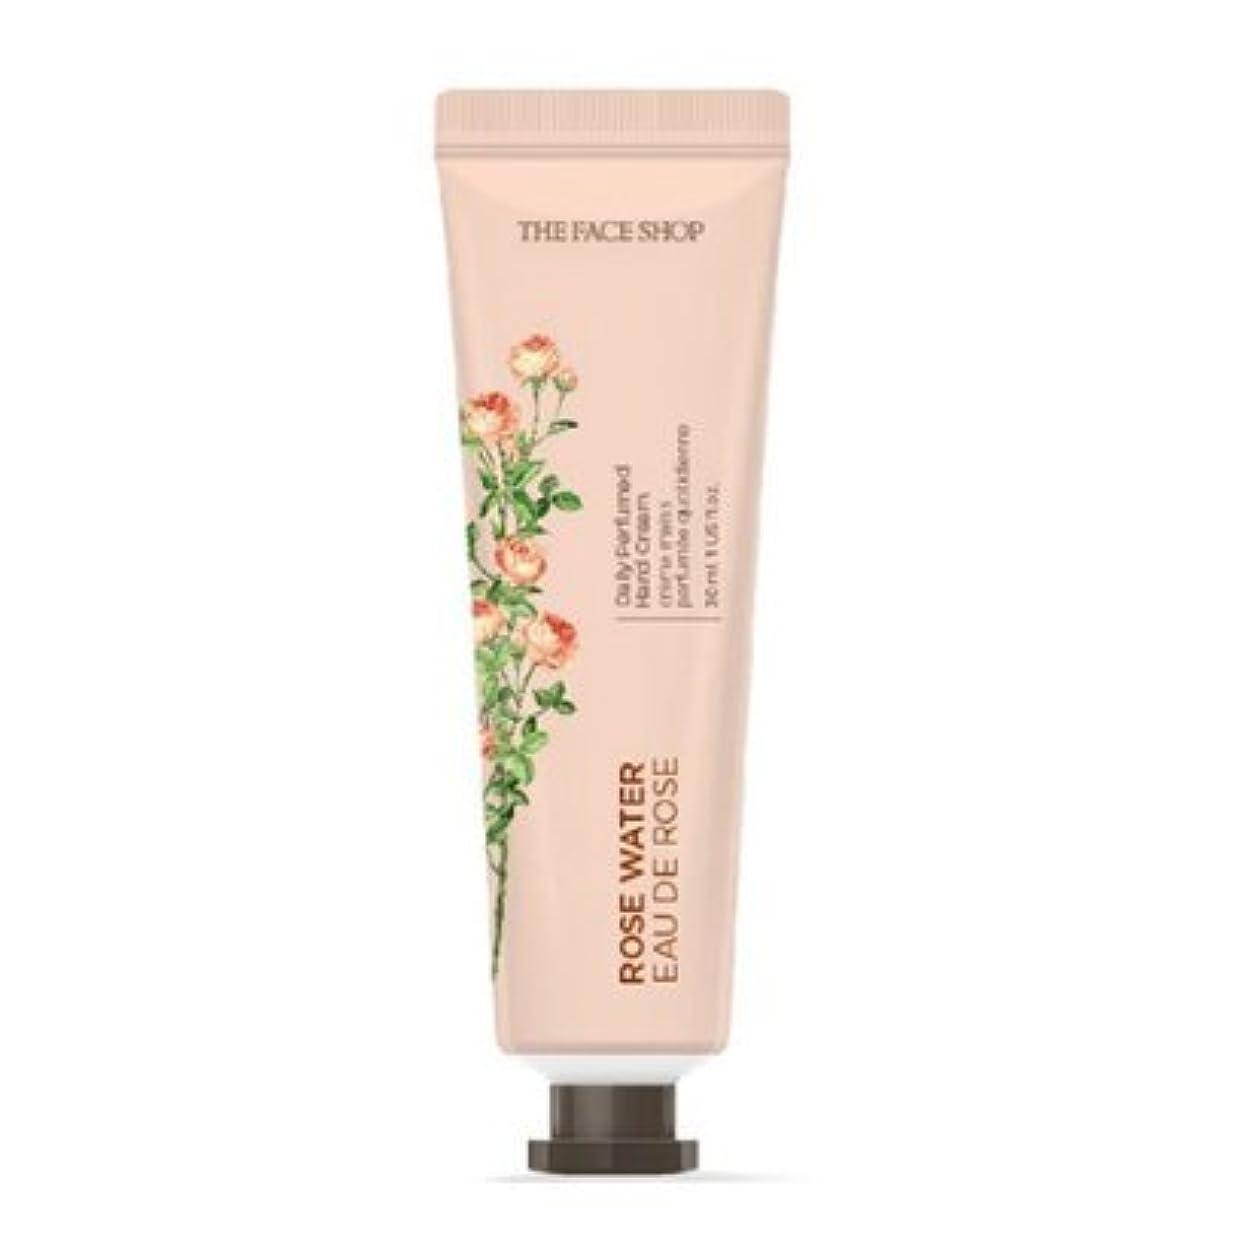 バンジージャンプ童謡足首[1+1] THE FACE SHOP Daily Perfume Hand Cream [01.Rose Water] ザフェイスショップ デイリーパフュームハンドクリーム [01.ローズウォーター] [new] [並行輸入品]